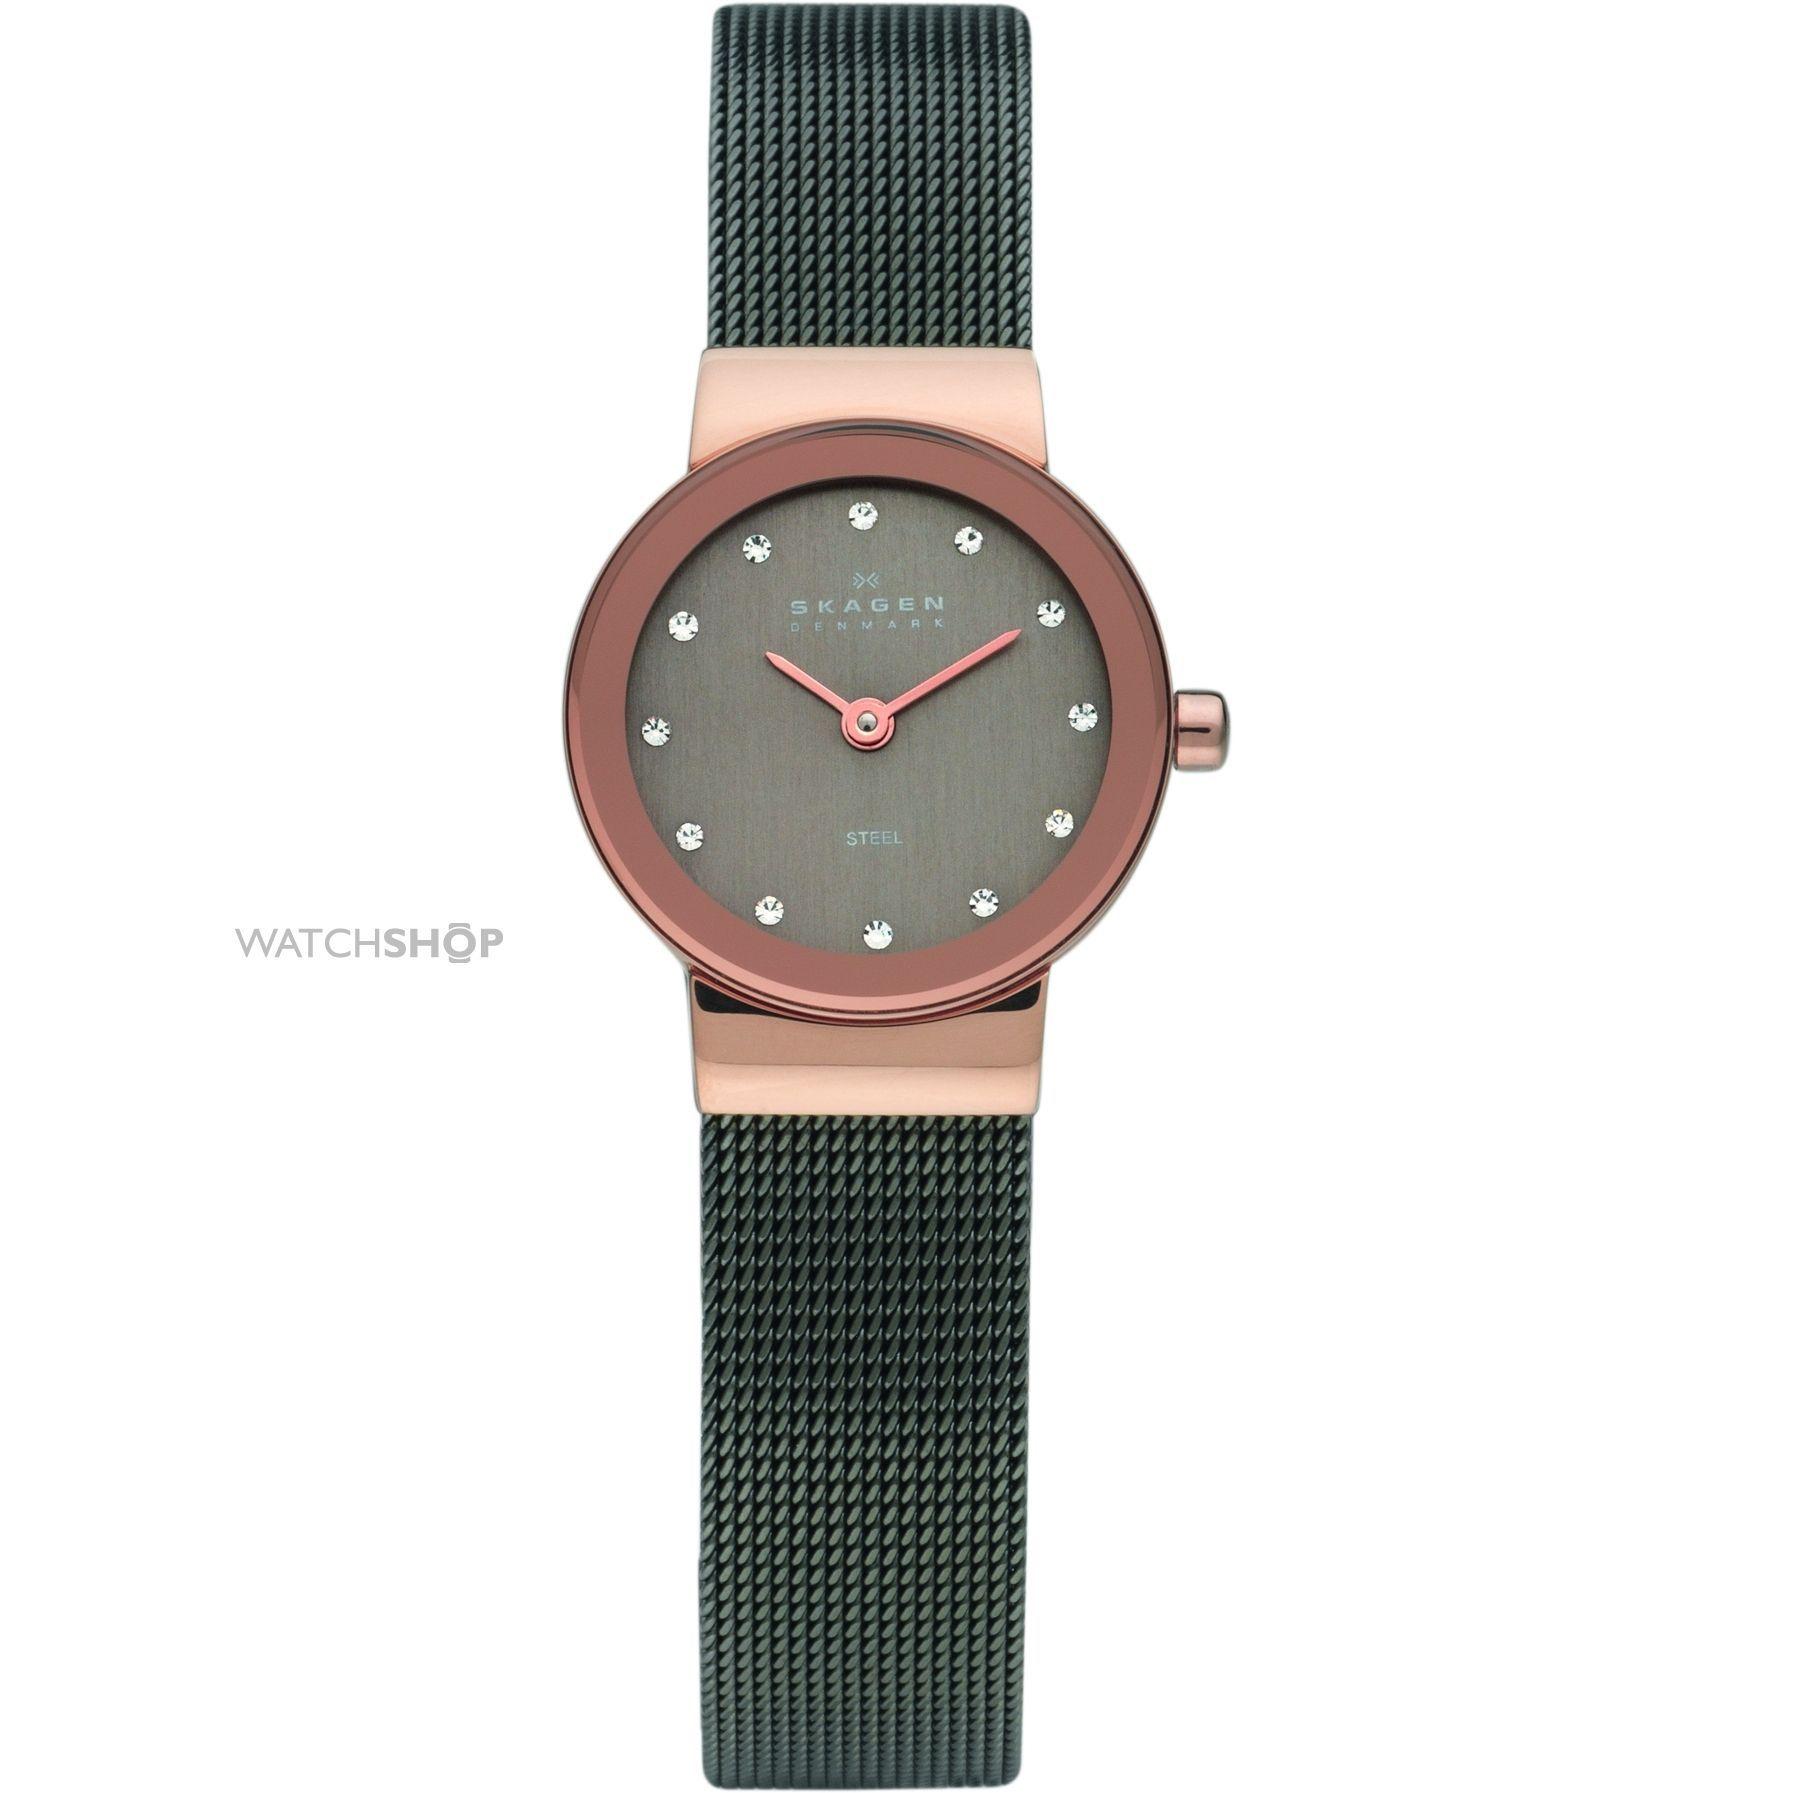 Skagen 358XSRM - женские наручные часы из коллекции MeshSkagen<br><br><br>Бренд: Skagen<br>Модель: Skagen 358XSRM<br>Артикул: 358XSRM<br>Вариант артикула: None<br>Коллекция: Mesh<br>Подколлекция: None<br>Страна: Дания<br>Пол: женские<br>Тип механизма: кварцевые<br>Механизм: None<br>Количество камней: None<br>Автоподзавод: None<br>Источник энергии: от батарейки<br>Срок службы элемента питания: None<br>Дисплей: стрелки<br>Цифры: отсутствуют<br>Водозащита: WR 30<br>Противоударные: None<br>Материал корпуса: нерж. сталь, покрытие: позолота (полное)<br>Материал браслета: нерж. сталь, PVD покрытие (полное)<br>Материал безеля: None<br>Стекло: минеральное<br>Антибликовое покрытие: None<br>Цвет корпуса: None<br>Цвет браслета: None<br>Цвет циферблата: None<br>Цвет безеля: None<br>Размеры: 22x5.37 мм<br>Диаметр: None<br>Диаметр корпуса: None<br>Толщина: None<br>Ширина ремешка: None<br>Вес: None<br>Спорт-функции: None<br>Подсветка: None<br>Вставка: кристаллы Swarovski<br>Отображение даты: None<br>Хронограф: None<br>Таймер: None<br>Термометр: None<br>Хронометр: None<br>GPS: None<br>Радиосинхронизация: None<br>Барометр: None<br>Скелетон: None<br>Дополнительная информация: None<br>Дополнительные функции: None